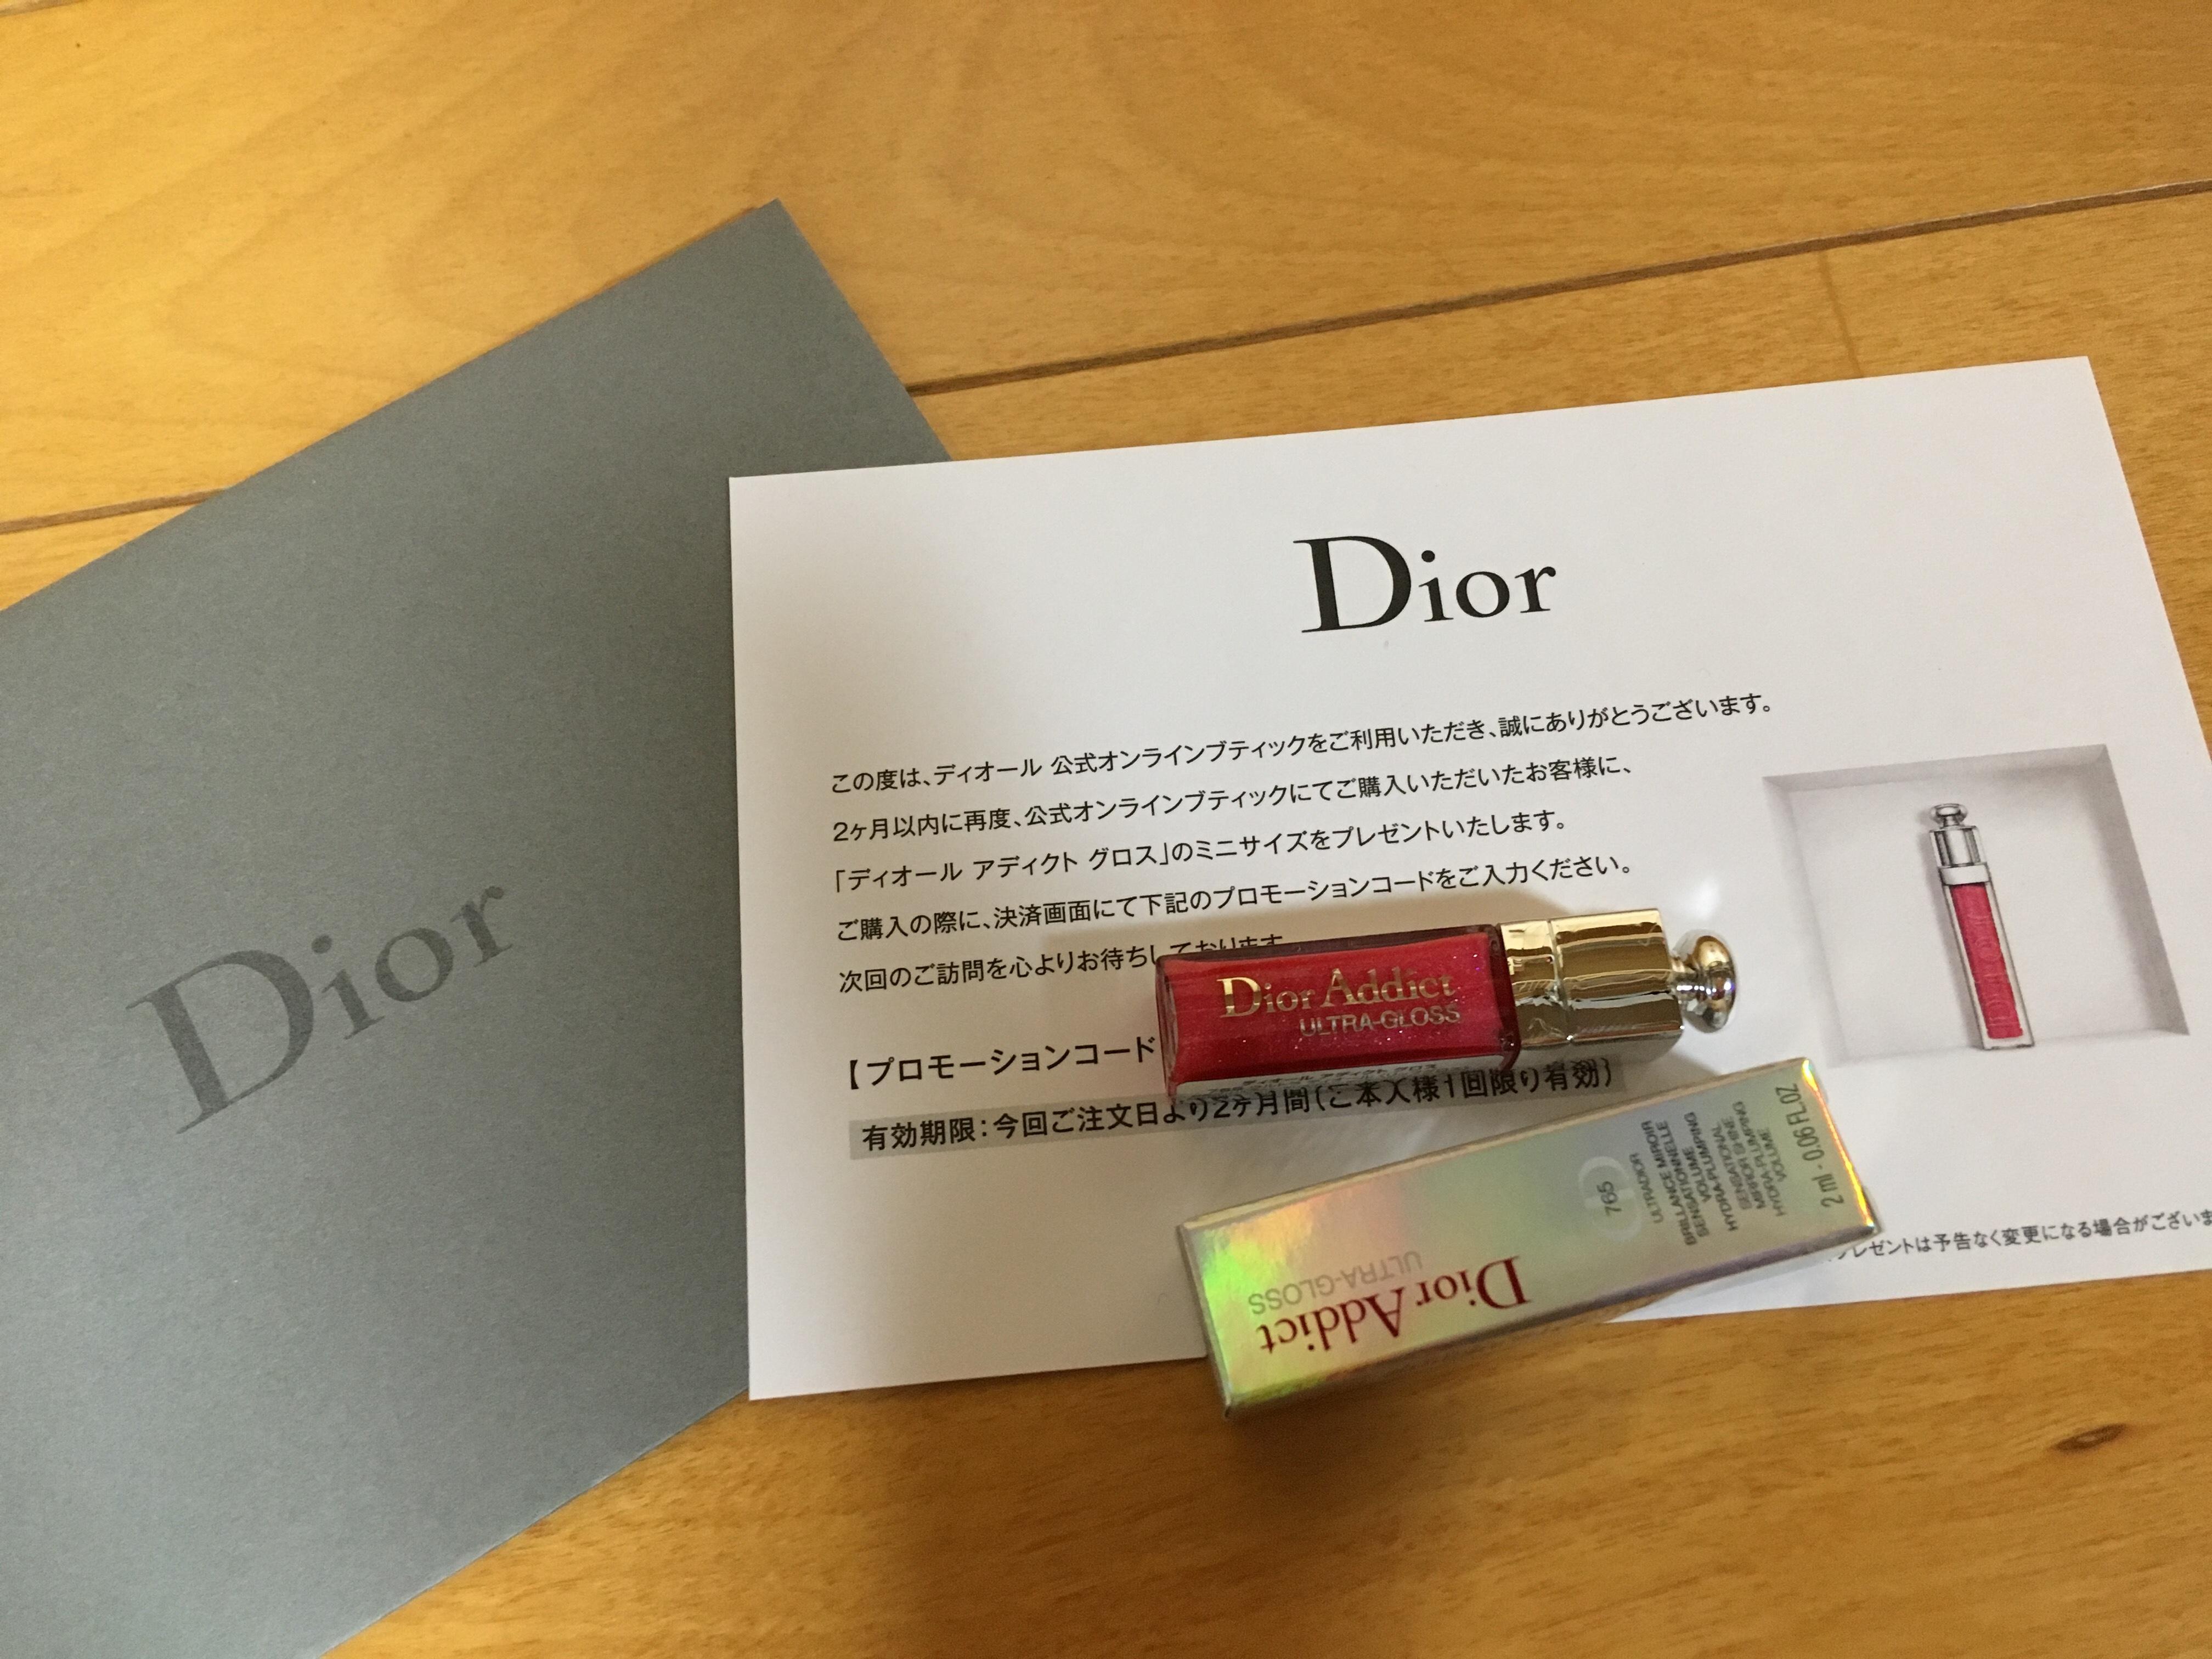 Dior オンラインブティック プロモーションコード グロス